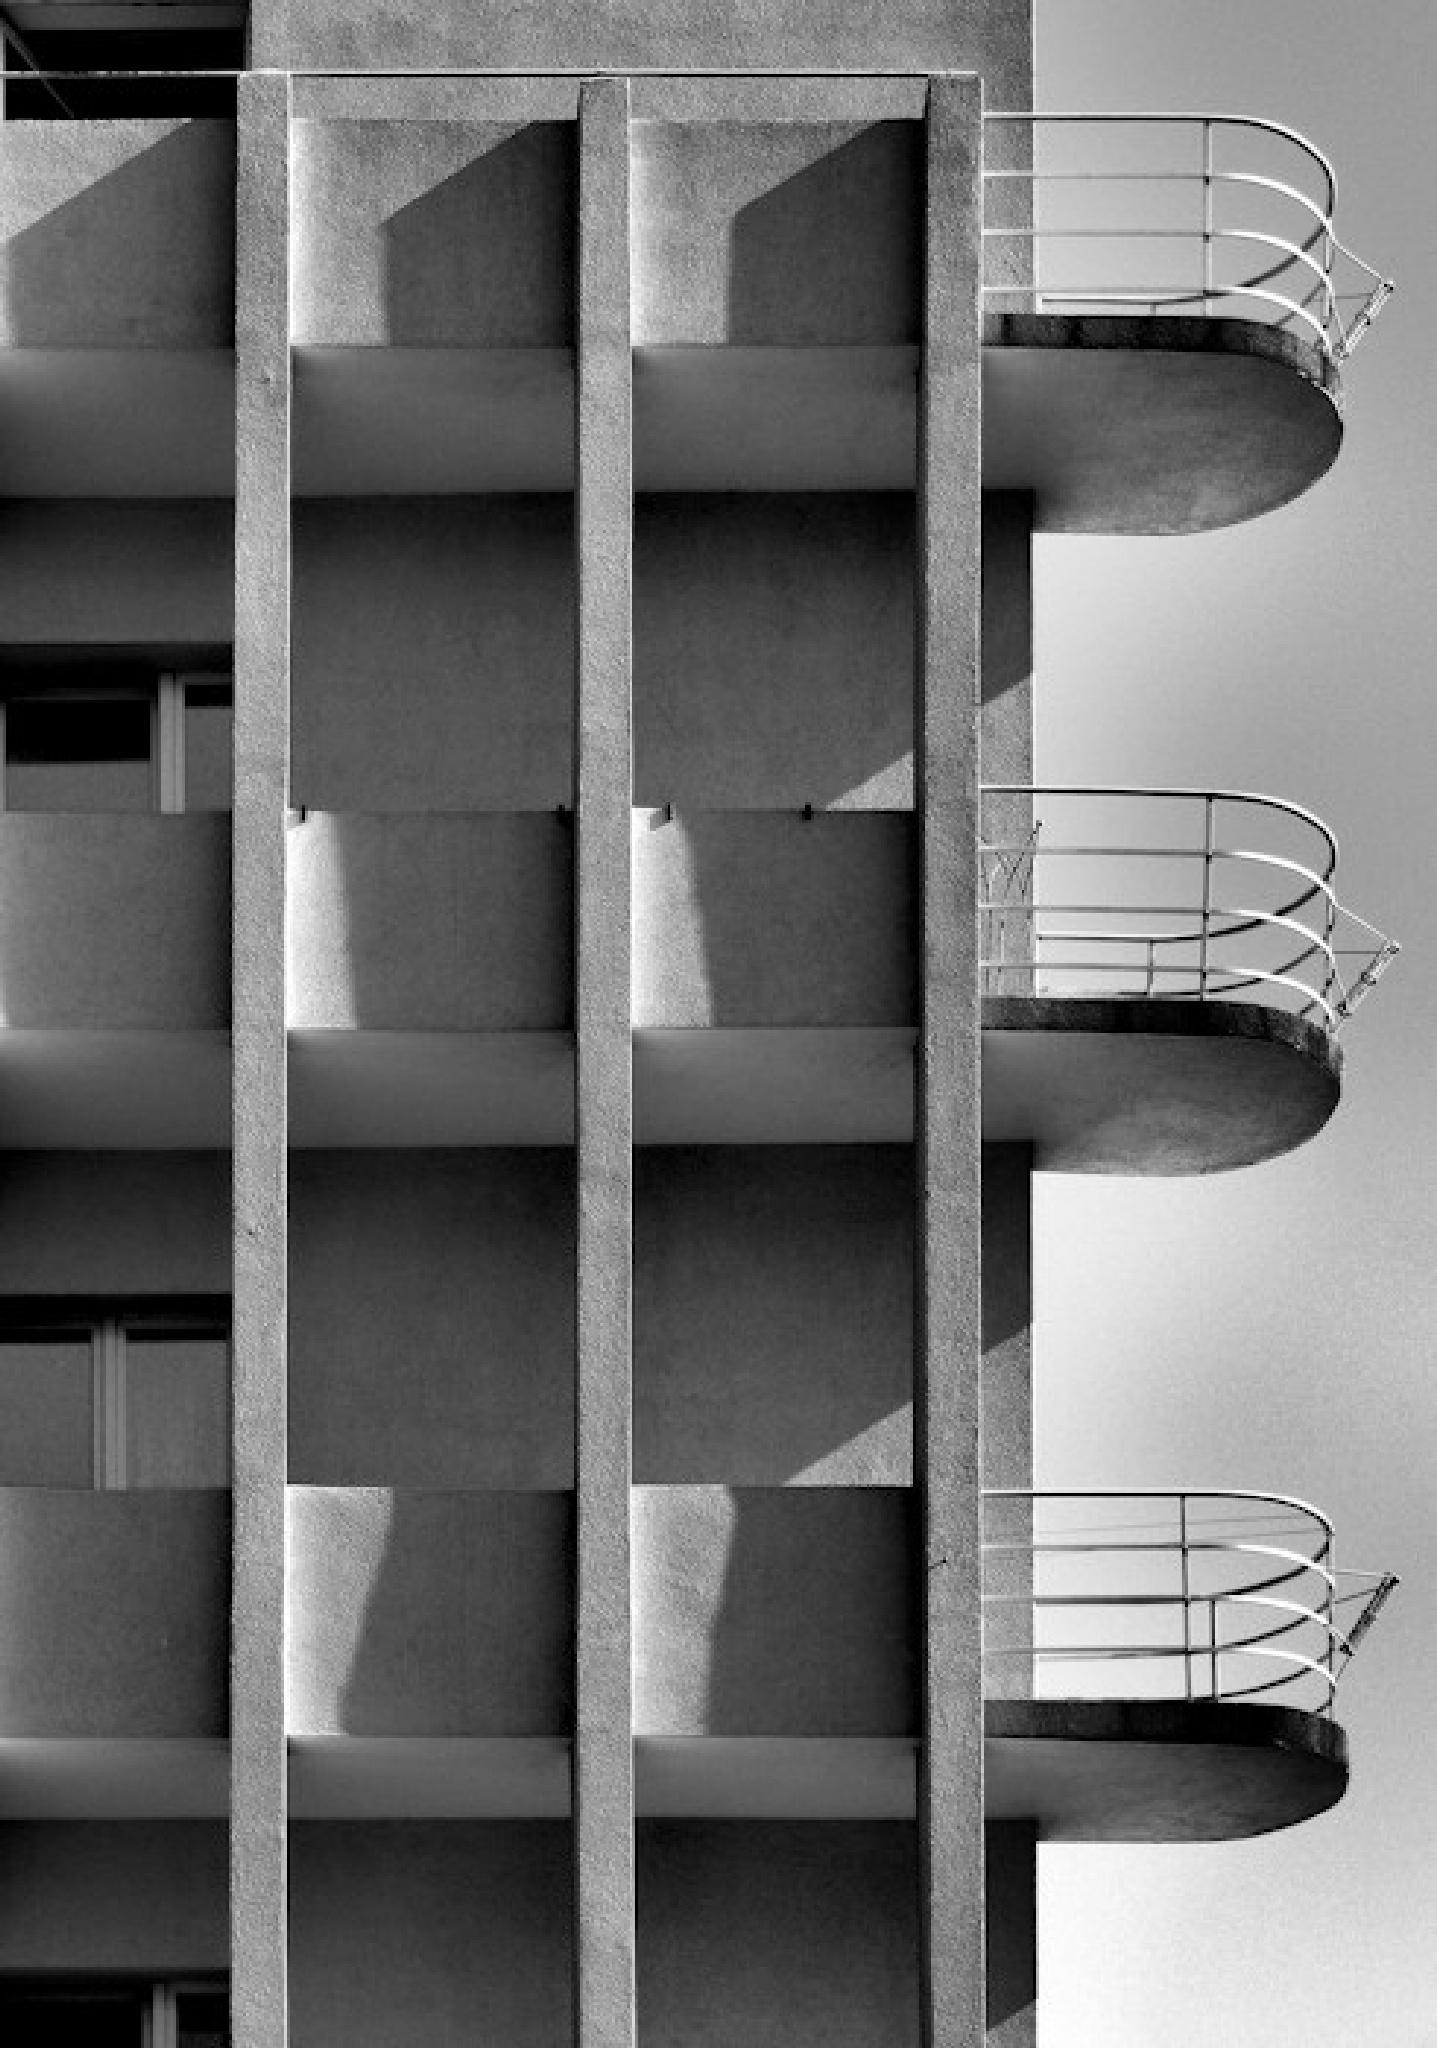 modernism vol.1 by Grzegorz Skwarliński